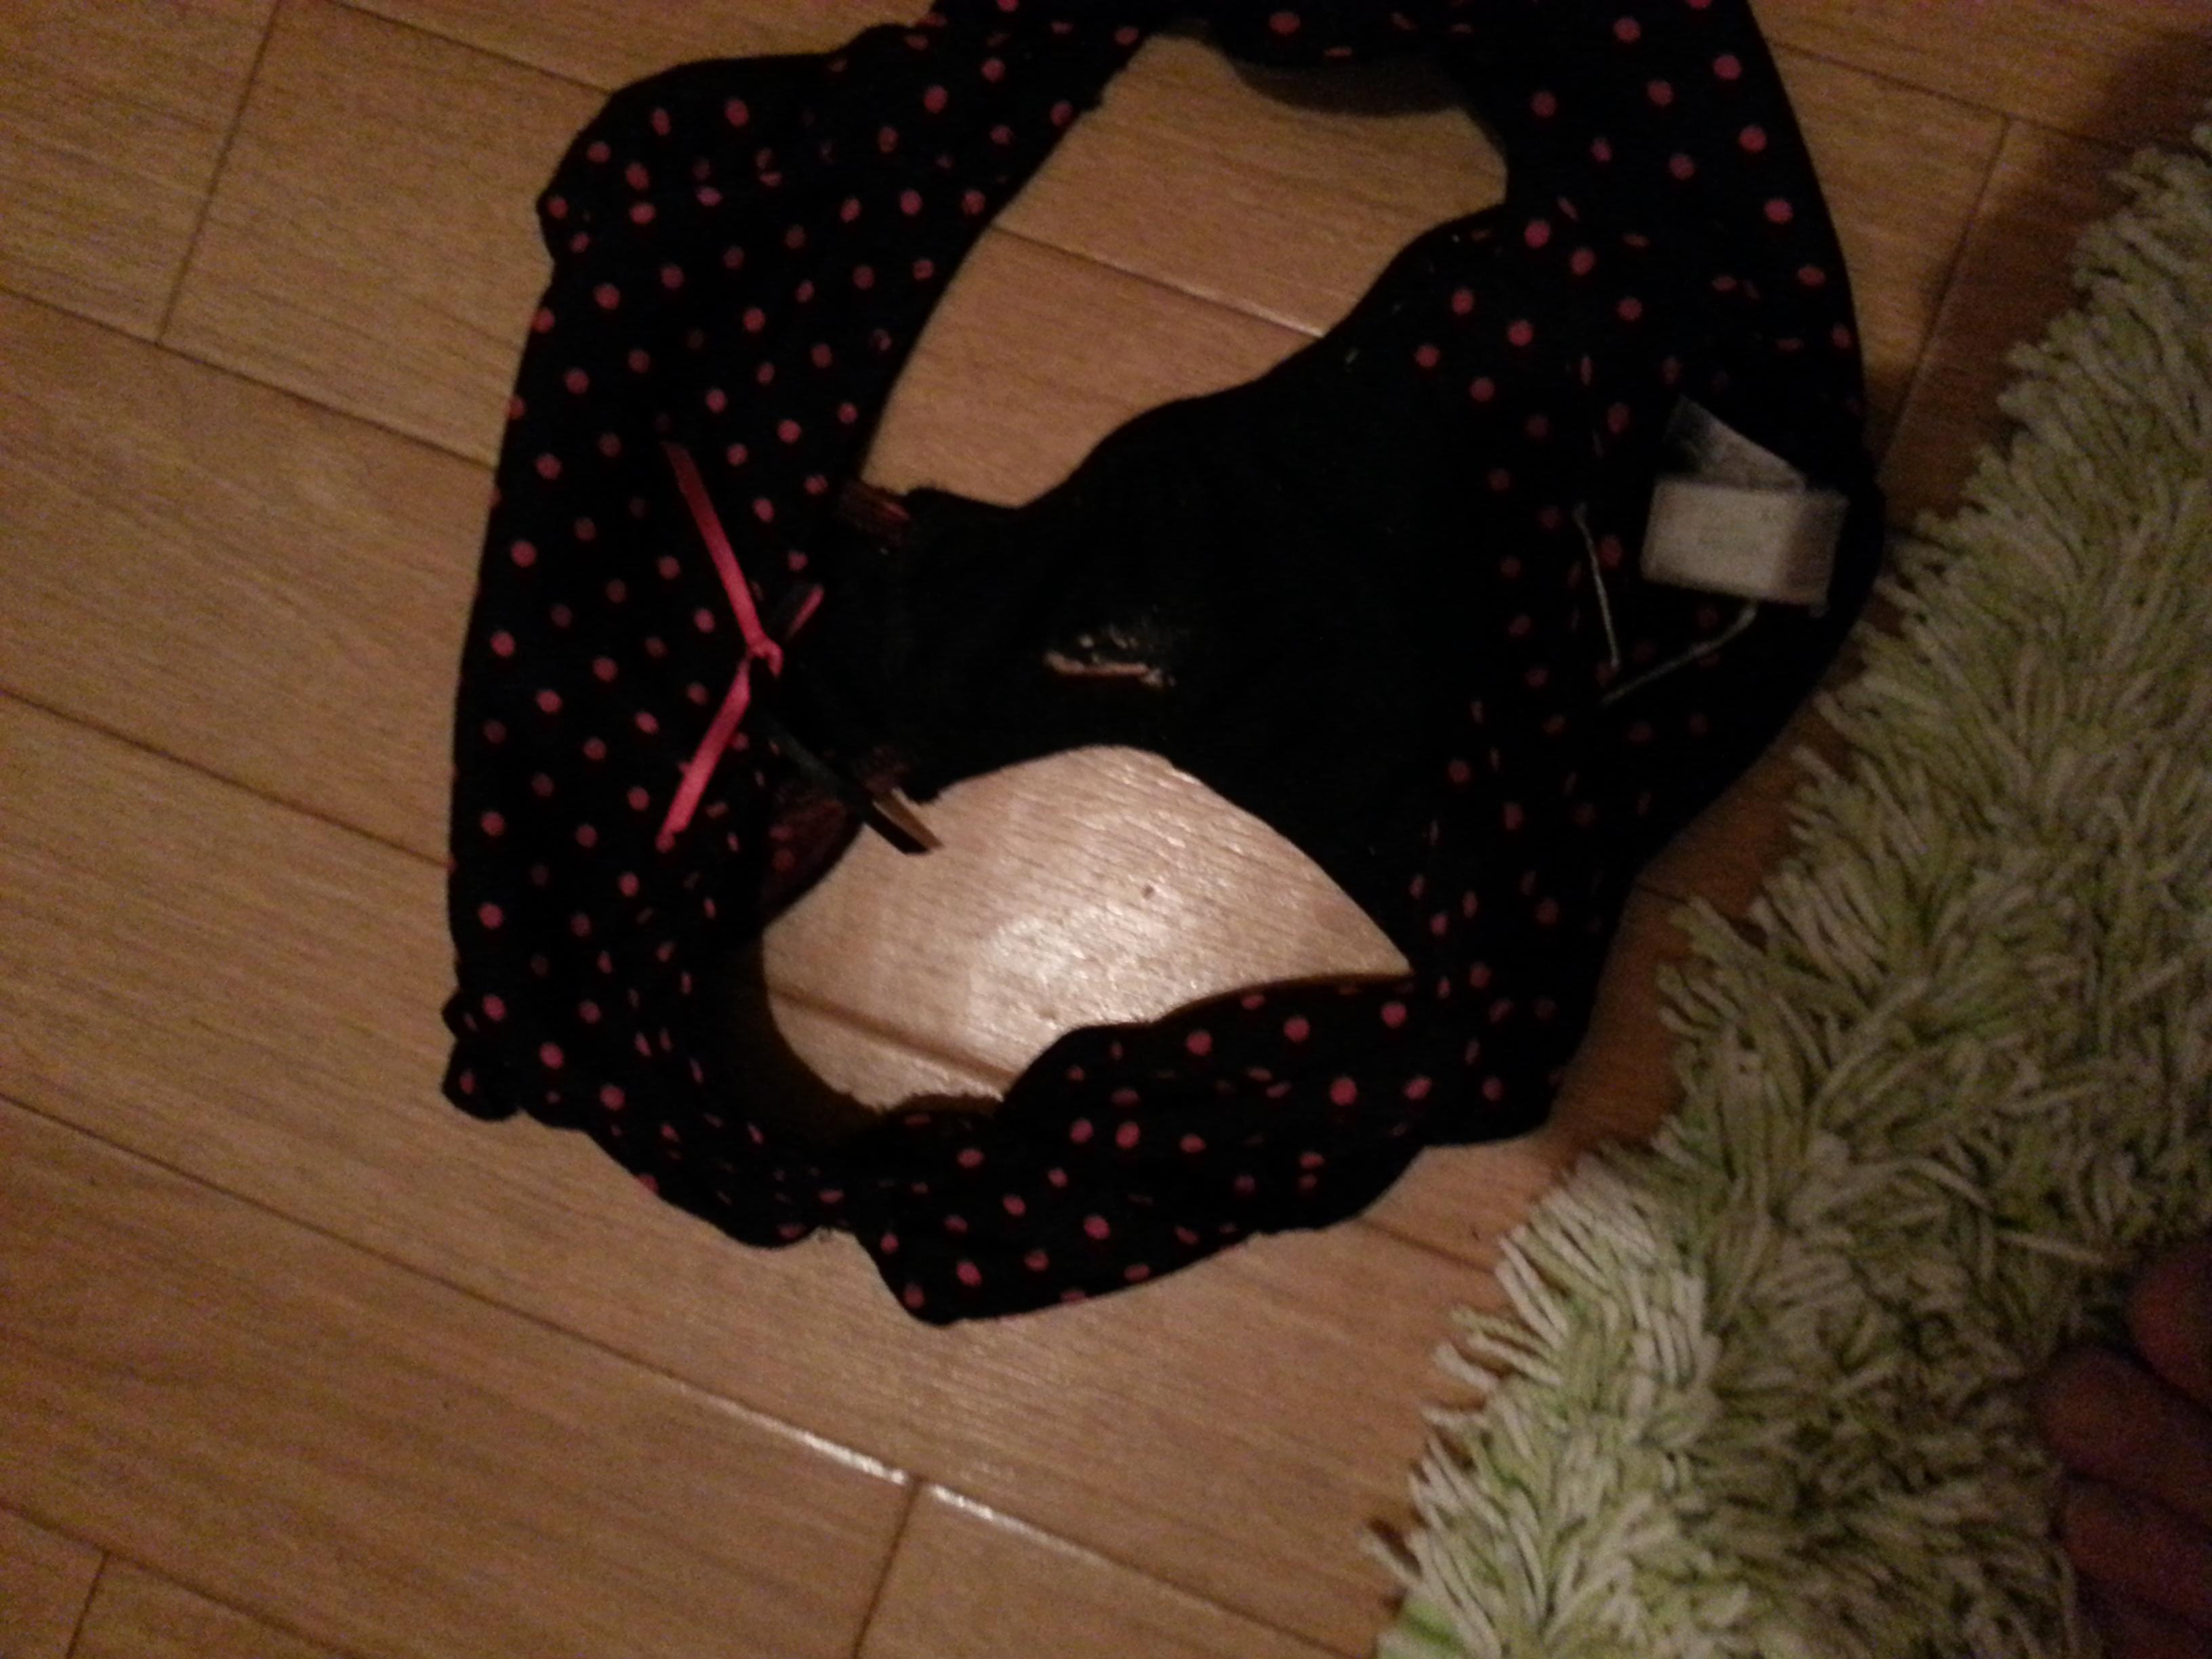 洗濯前のjk妹のクロッチシミ汚れ下着盗撮エロ画像3枚目